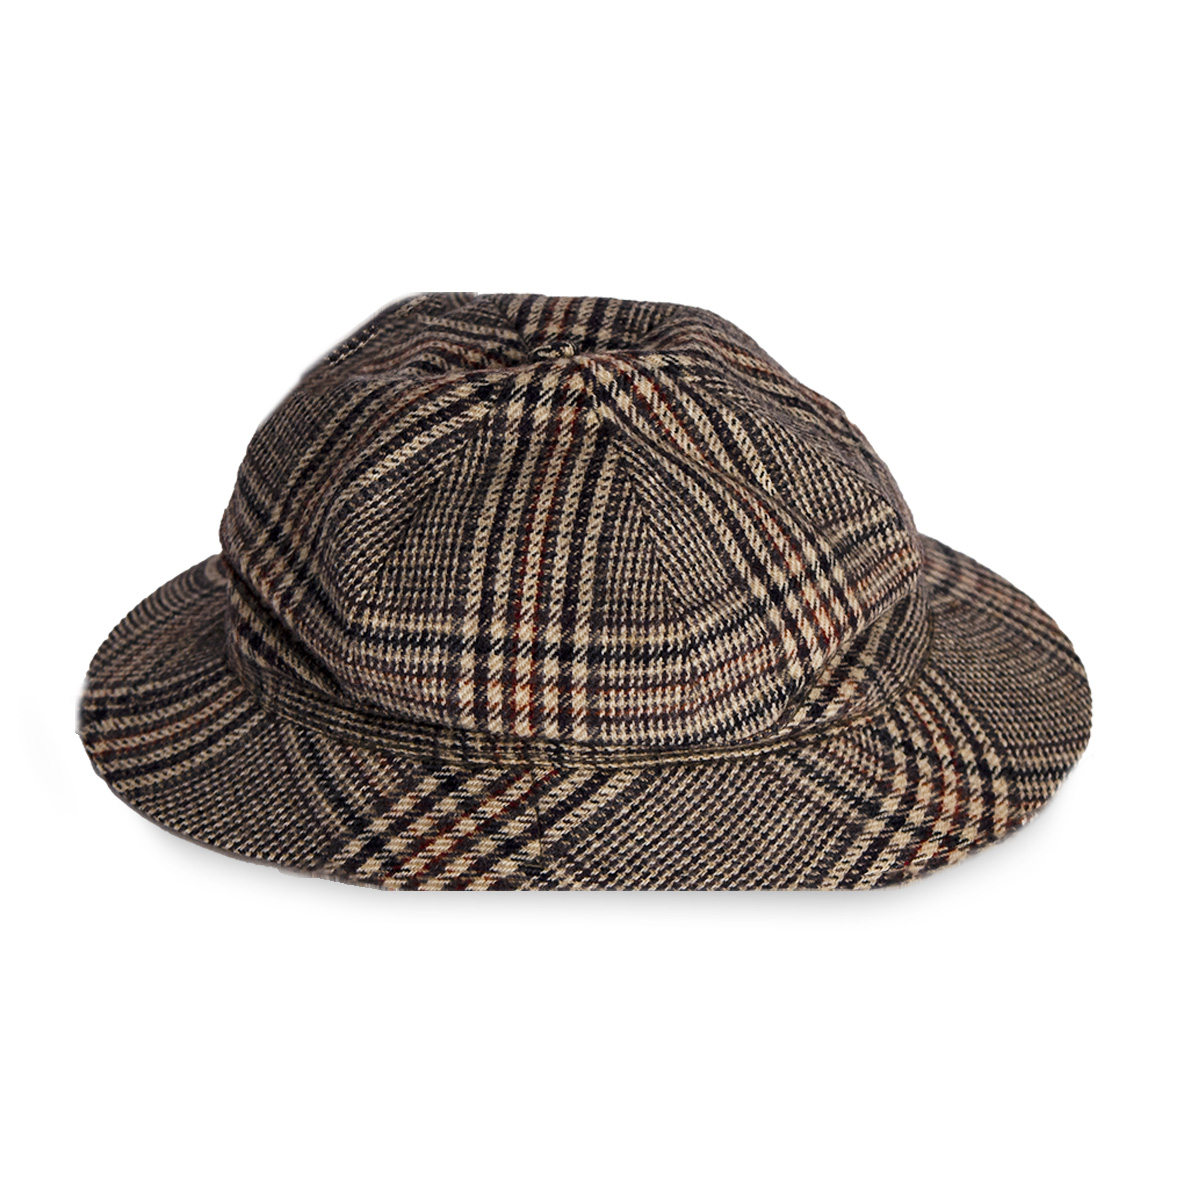 1960s Deerstalker hat